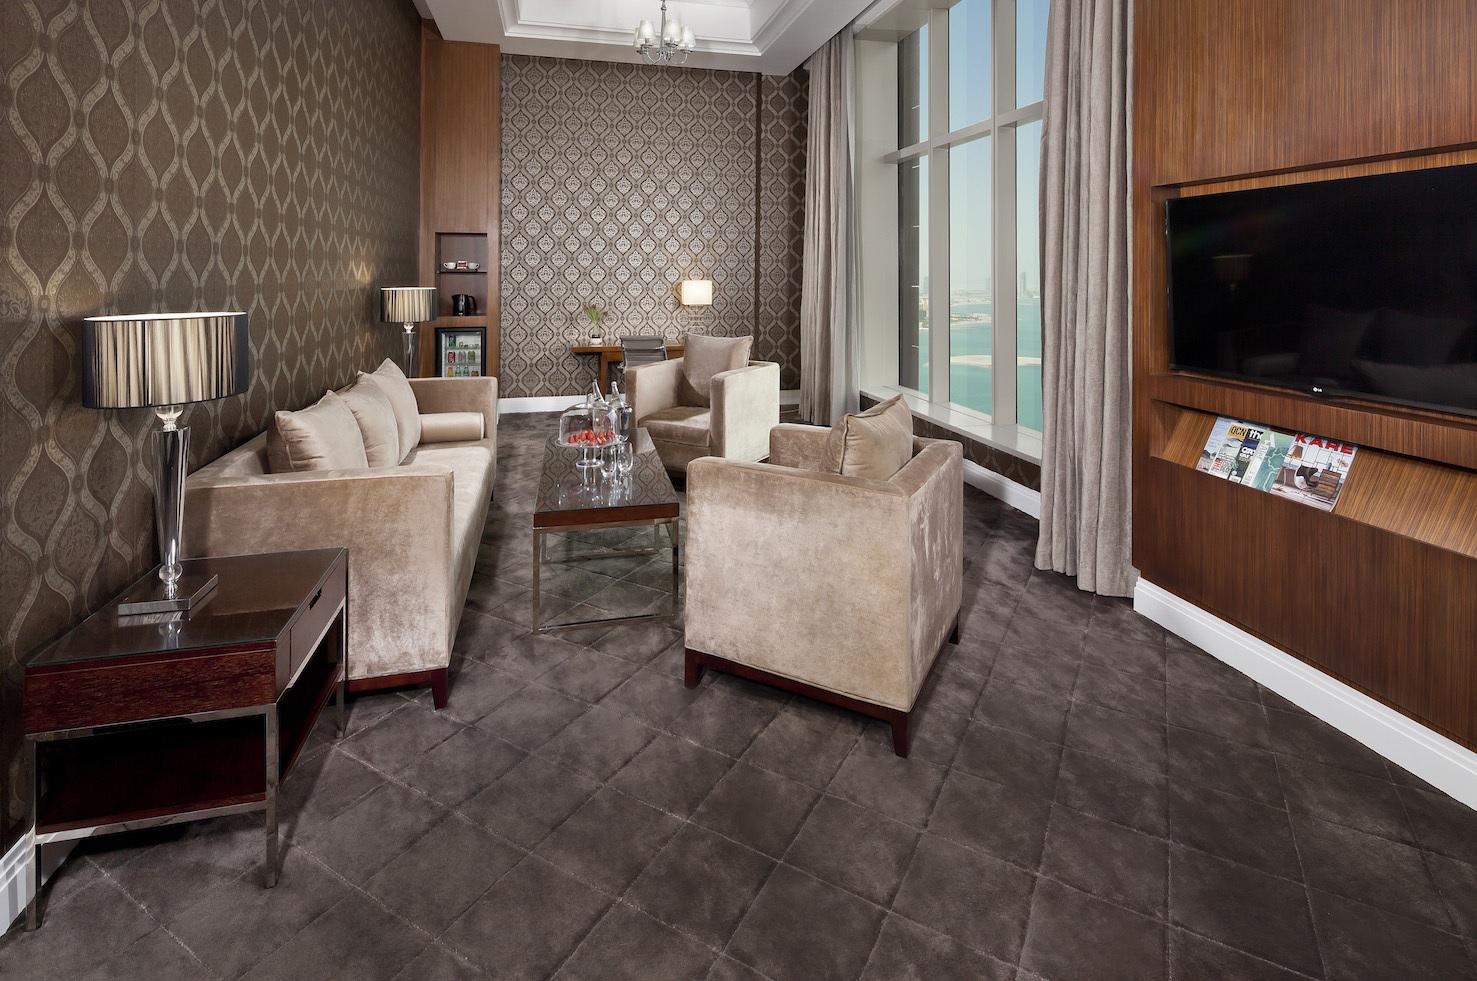 Melia ouvre un hôtel au Qatar